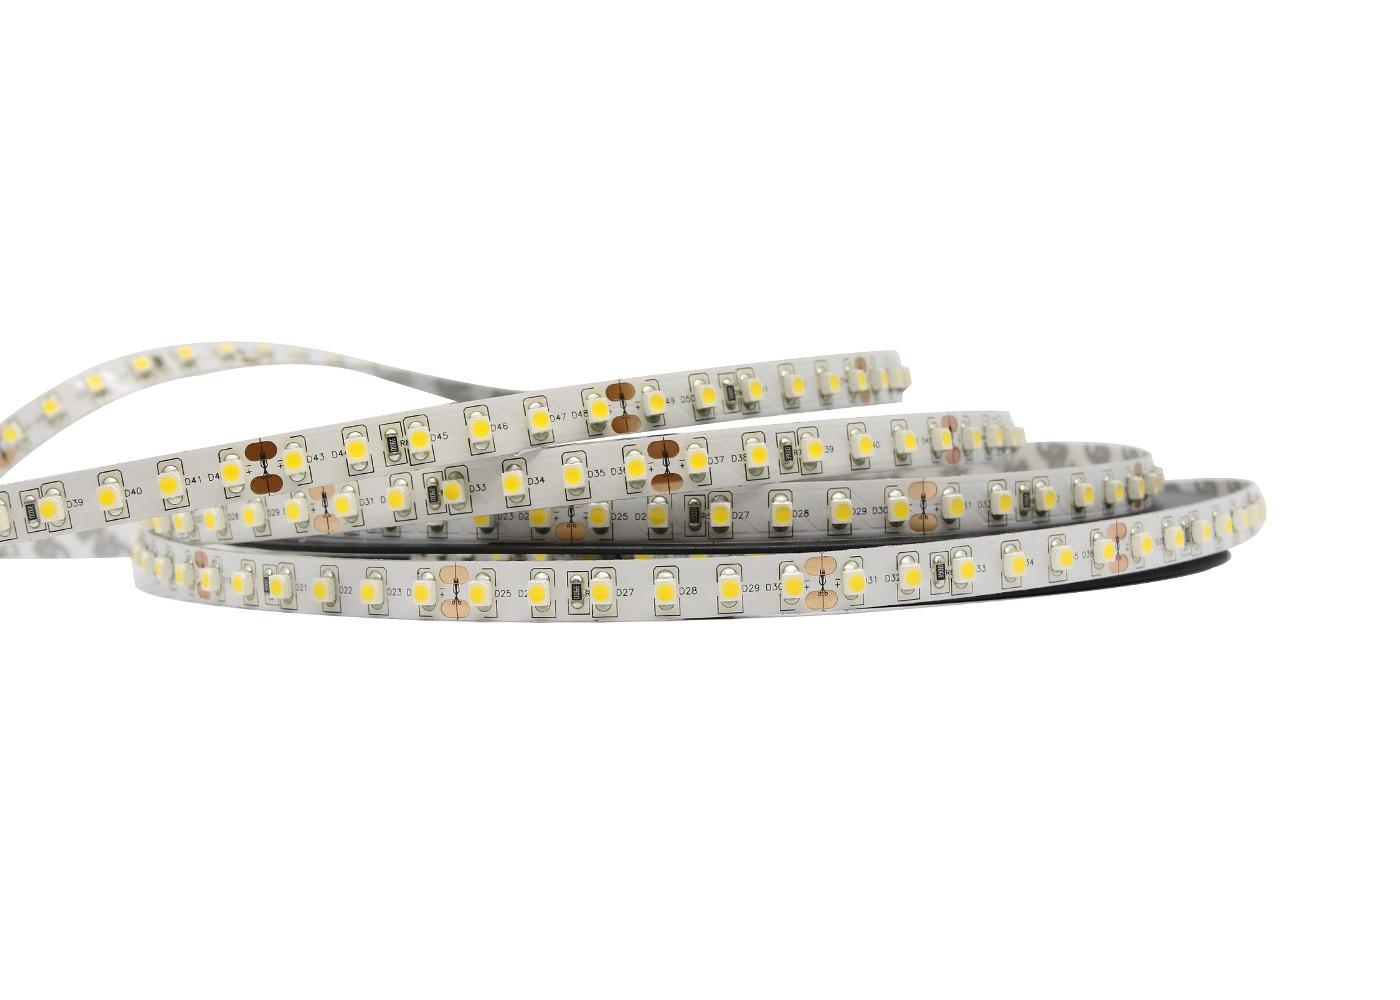 Ruban Led Pour Eclairage Principal comment choisir un ruban led par florent de led's go.fr -